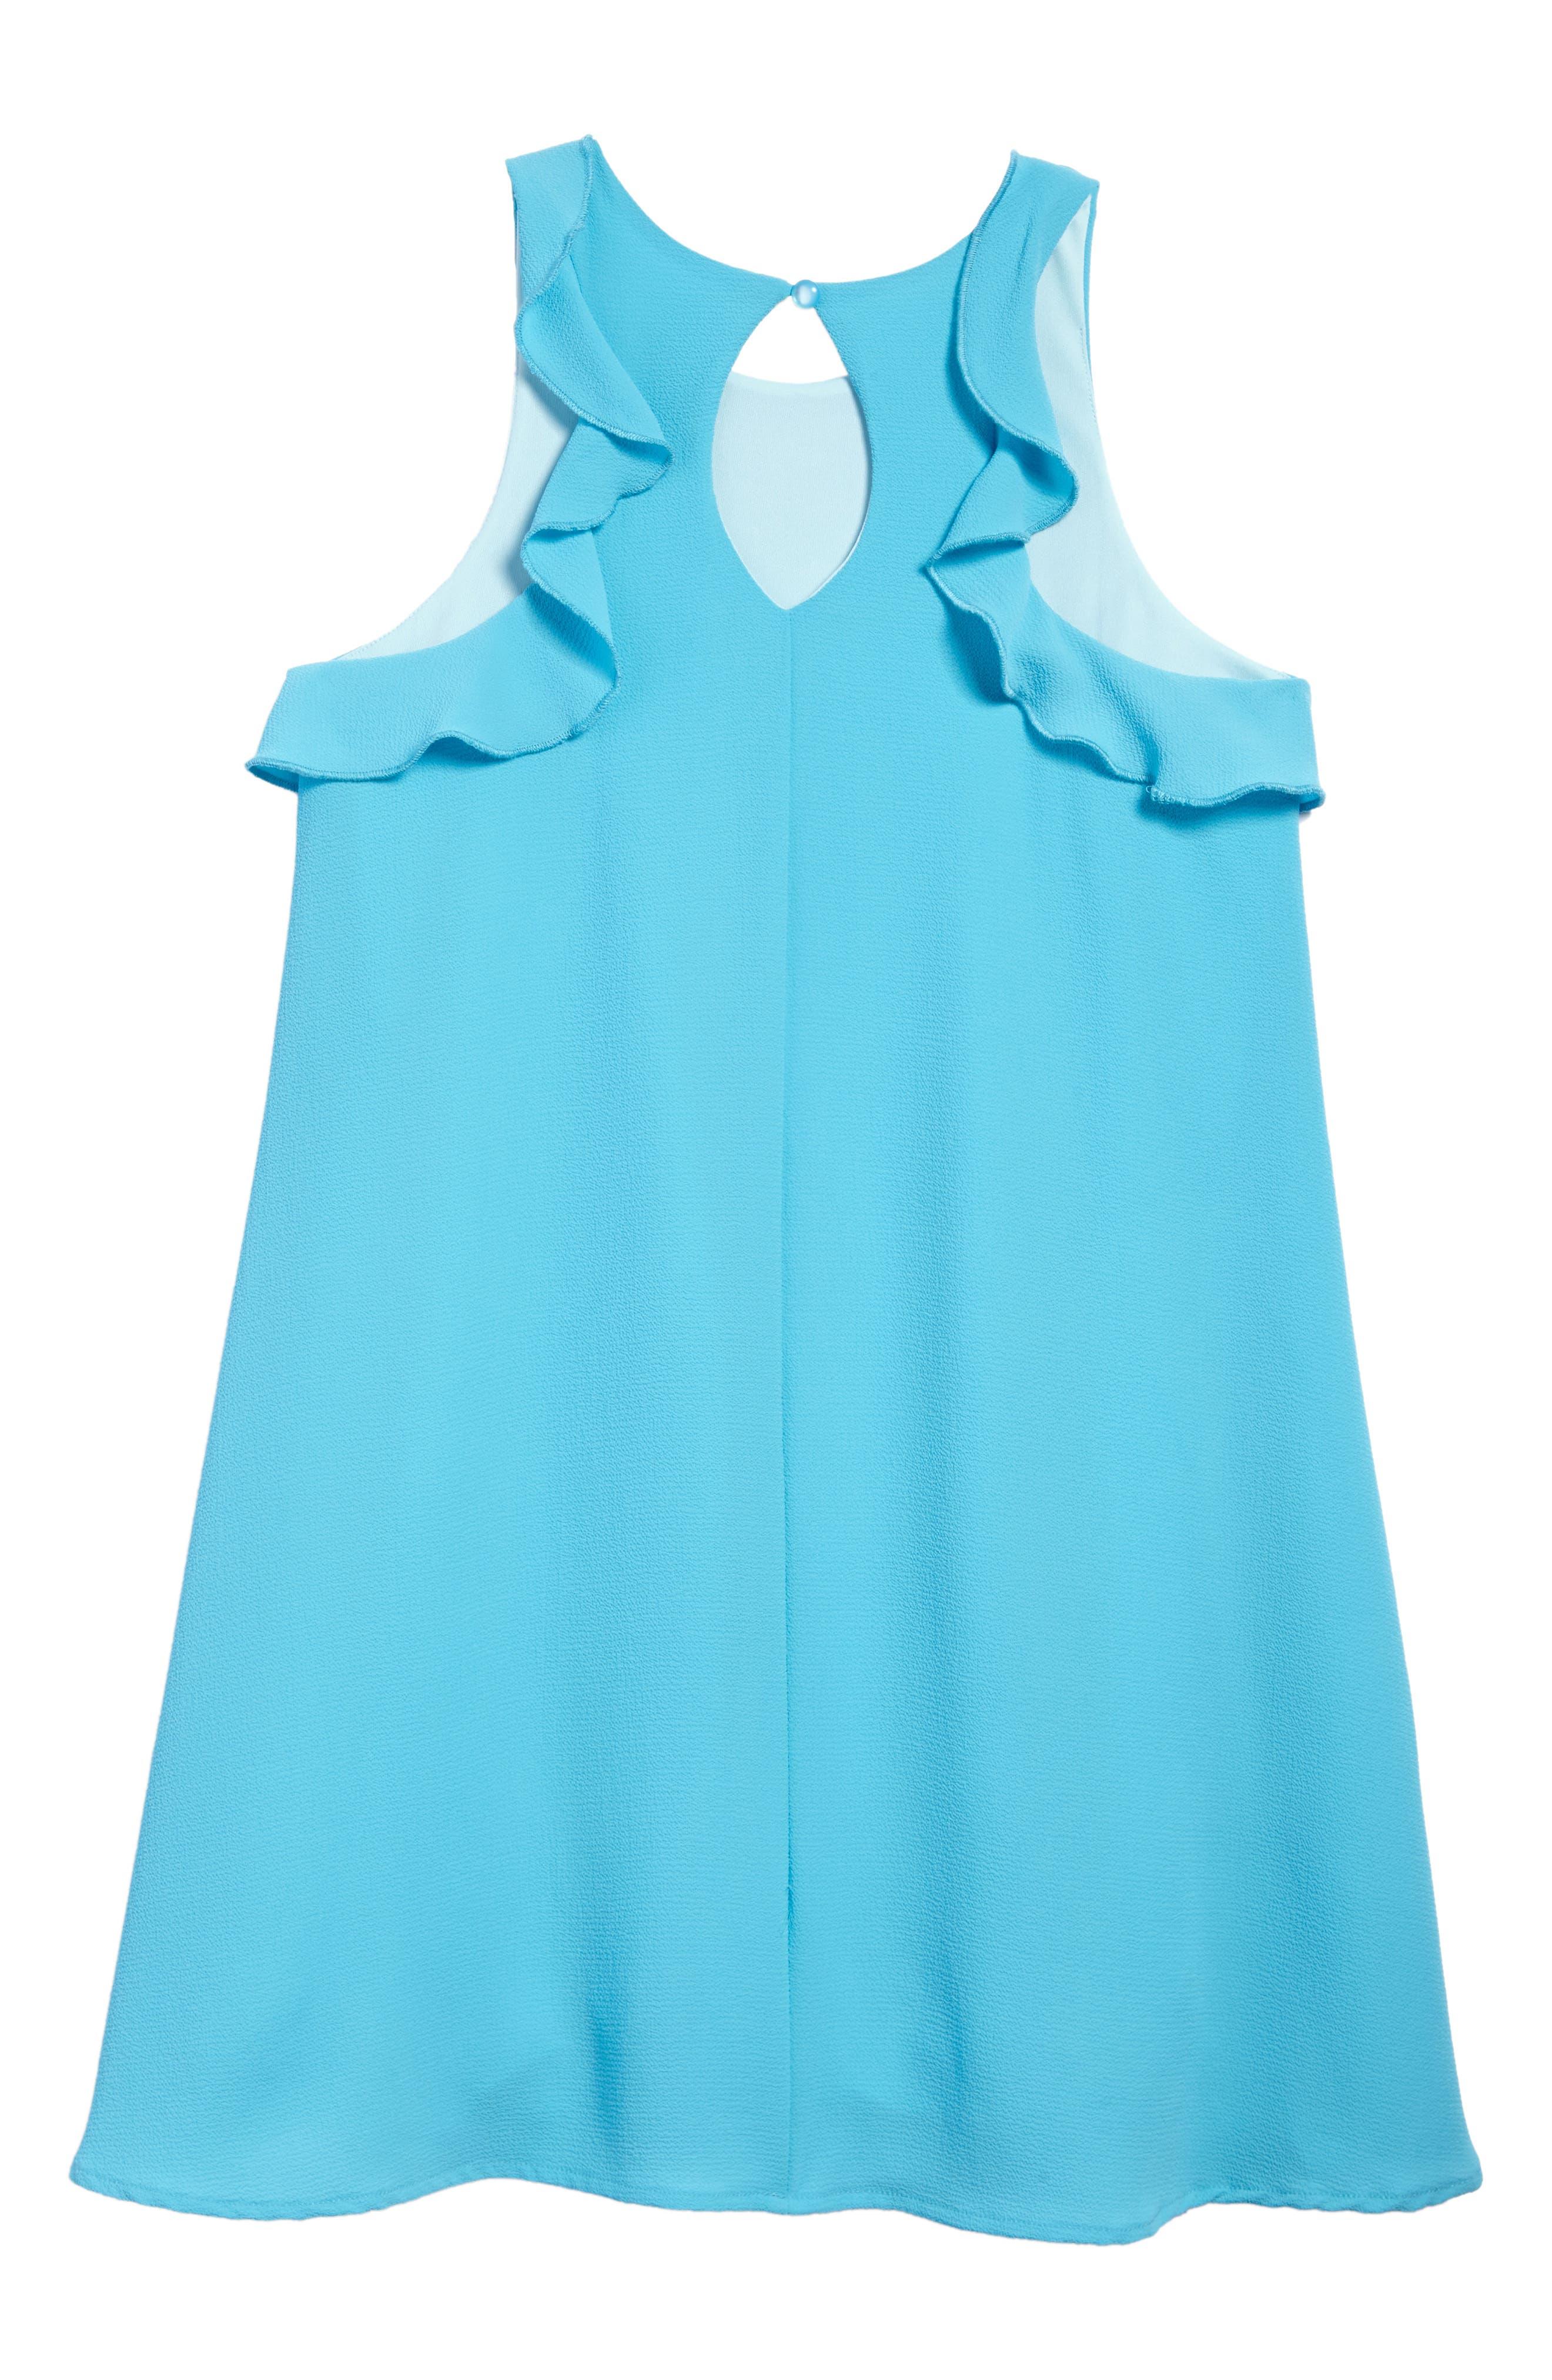 Alternate Image 2  - Ava & Yelly Ruffle Trapeze Dress (Big Girls)